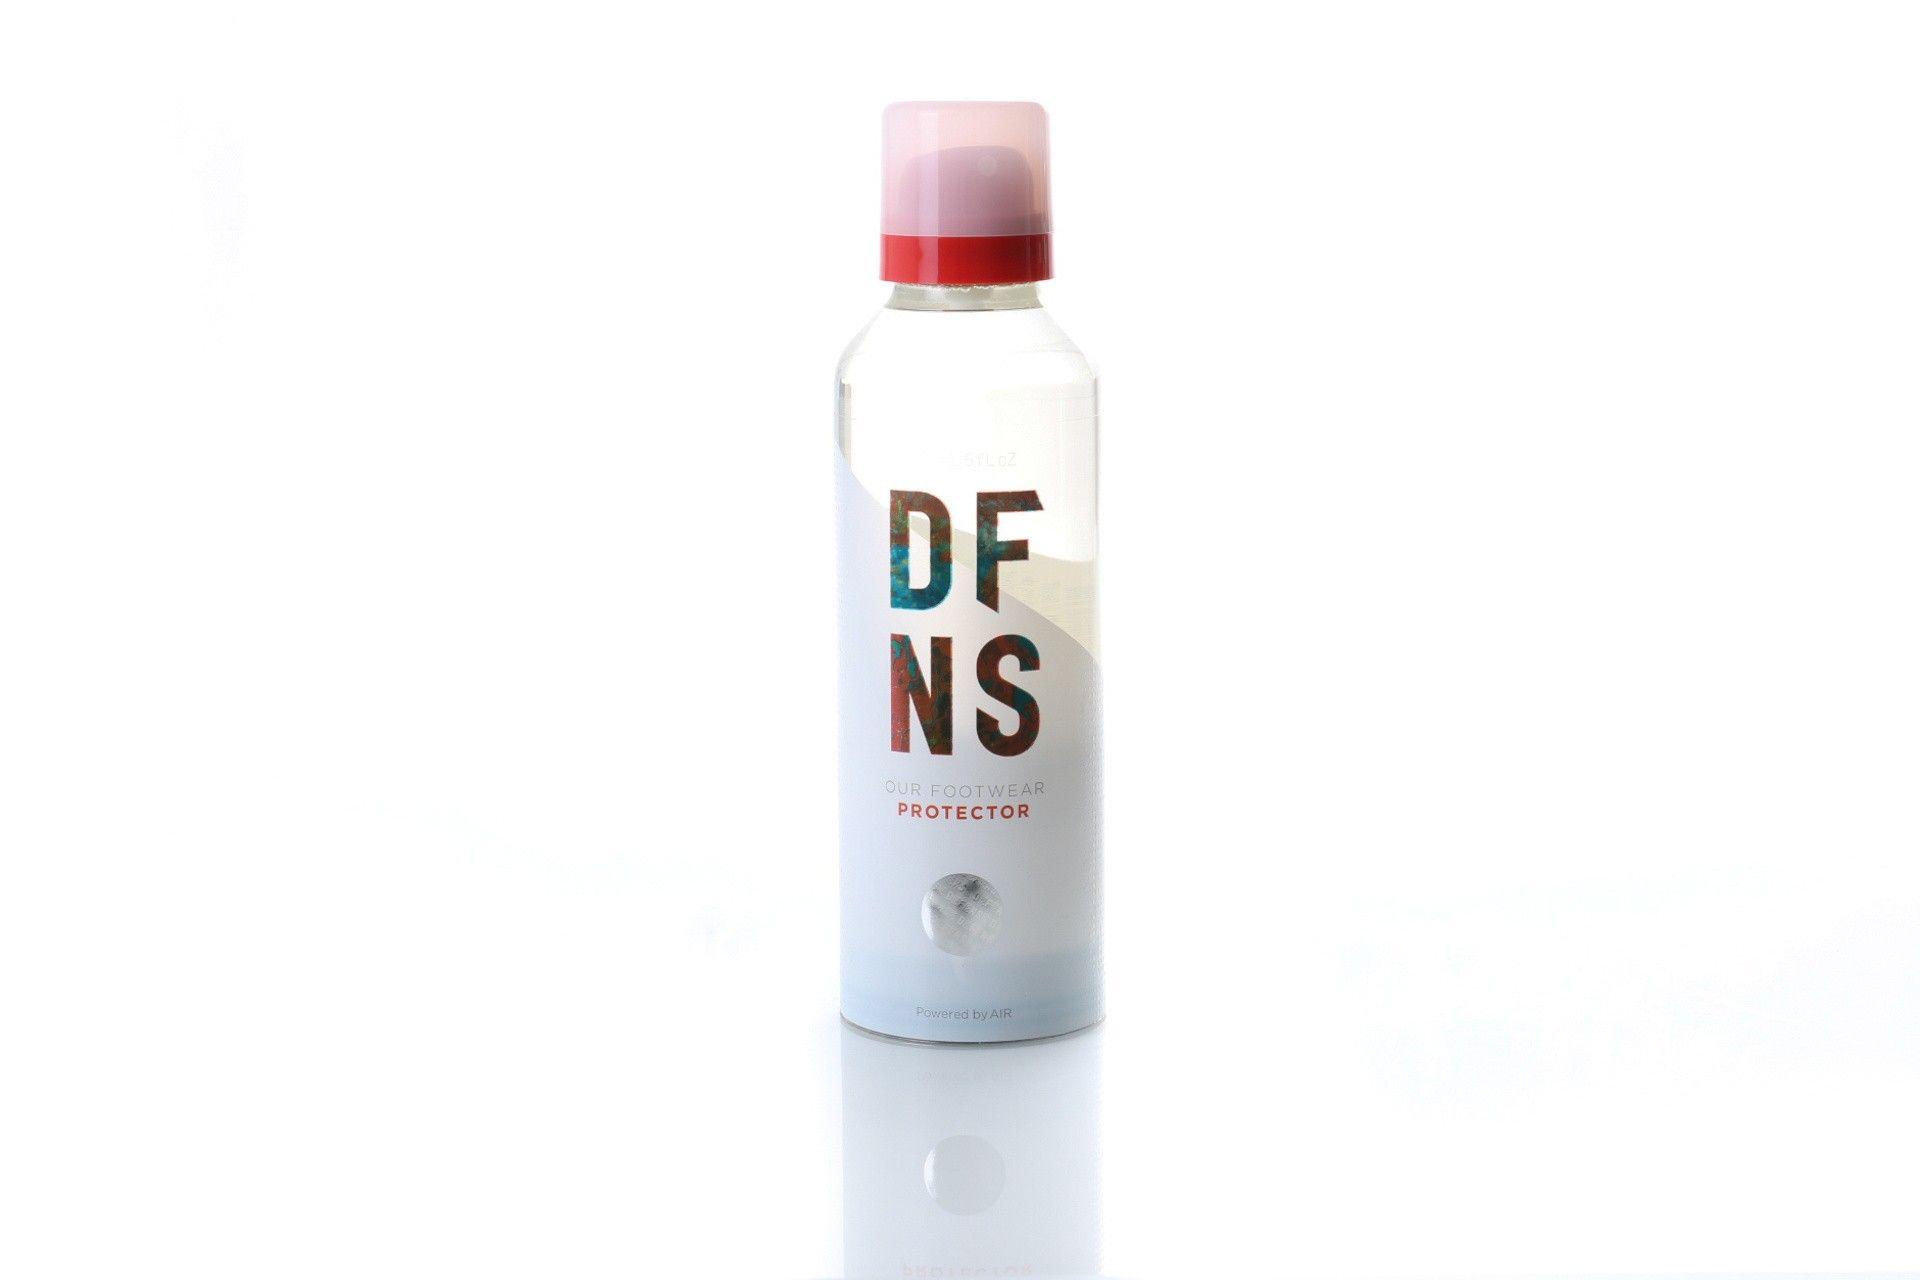 Afbeelding van DFNS Onderhoud DFNS Footwear Protector, 150 ml x 1190102